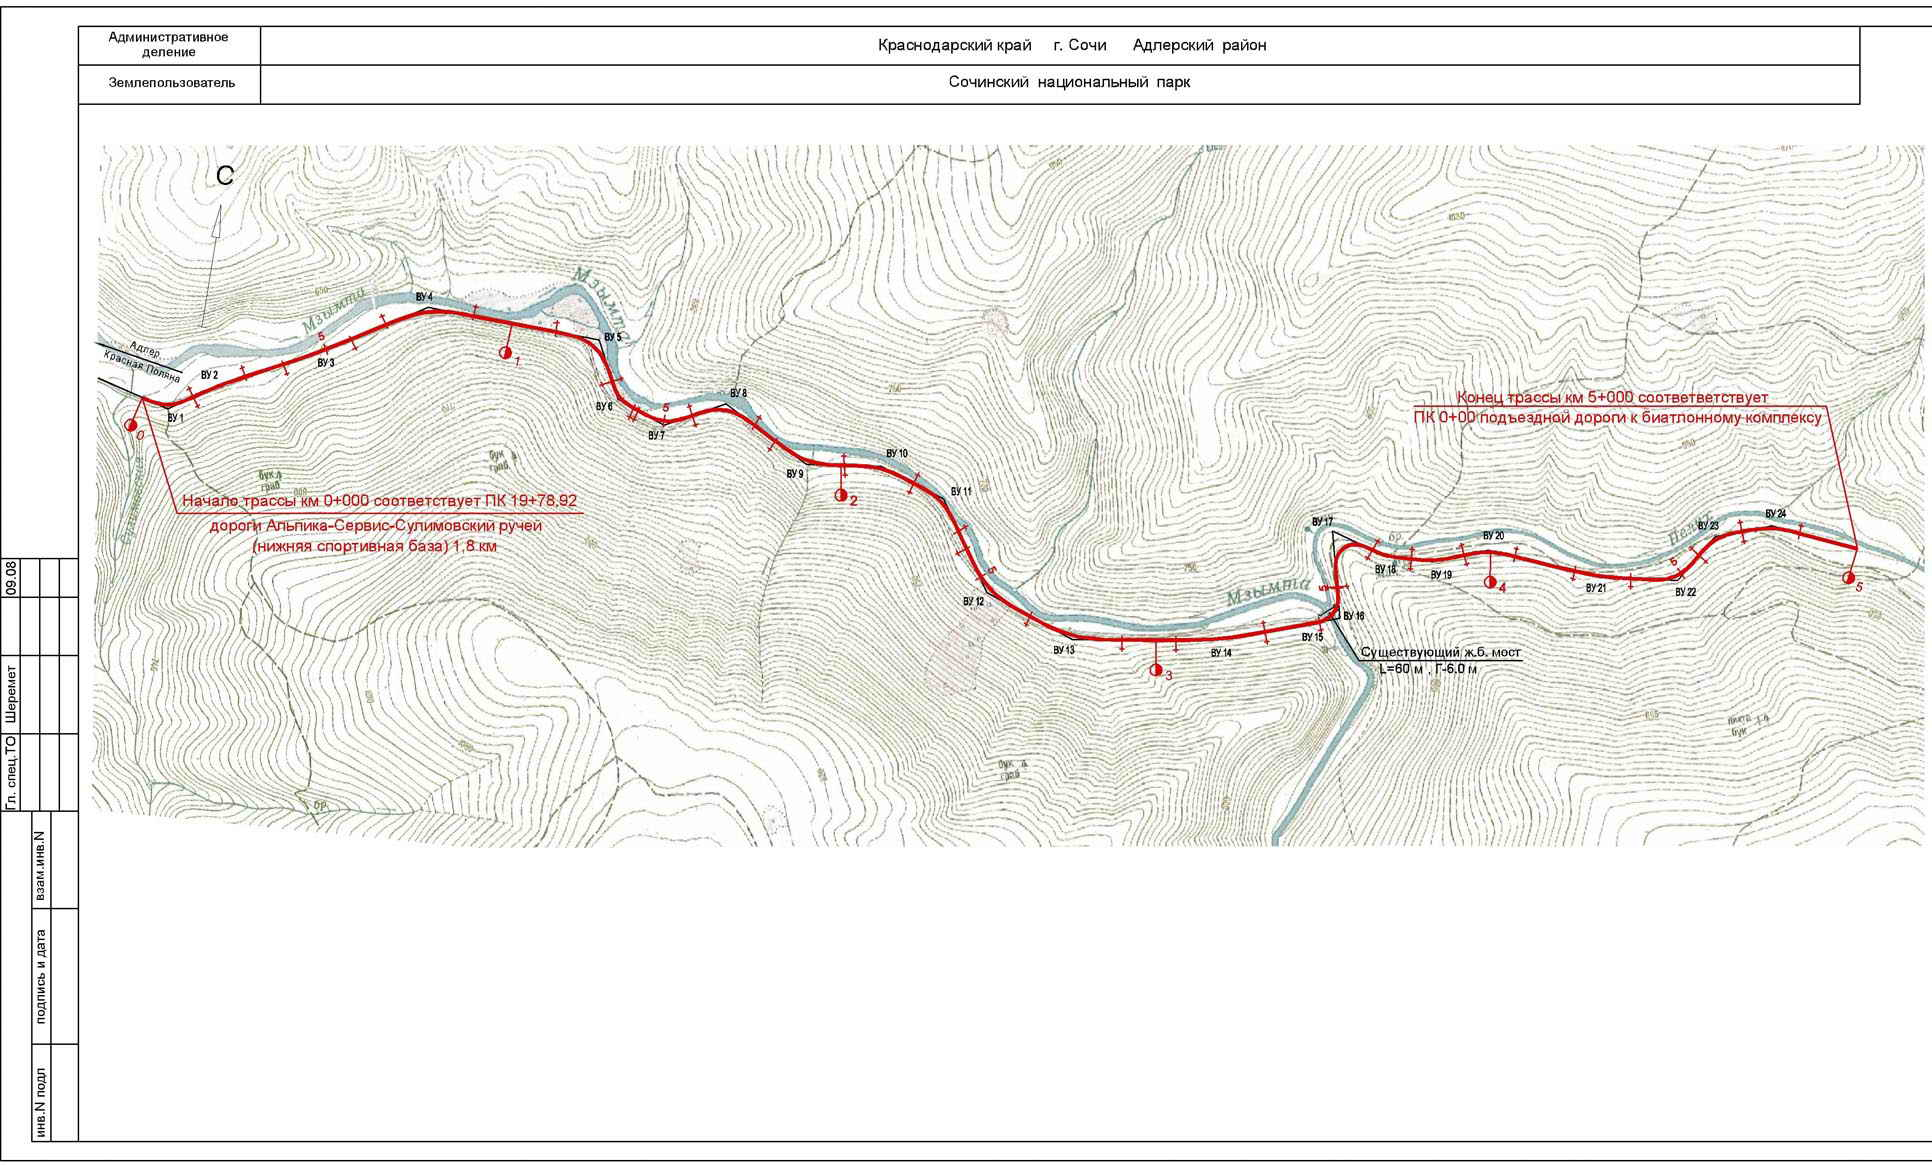 схема трассы северный лес 2013